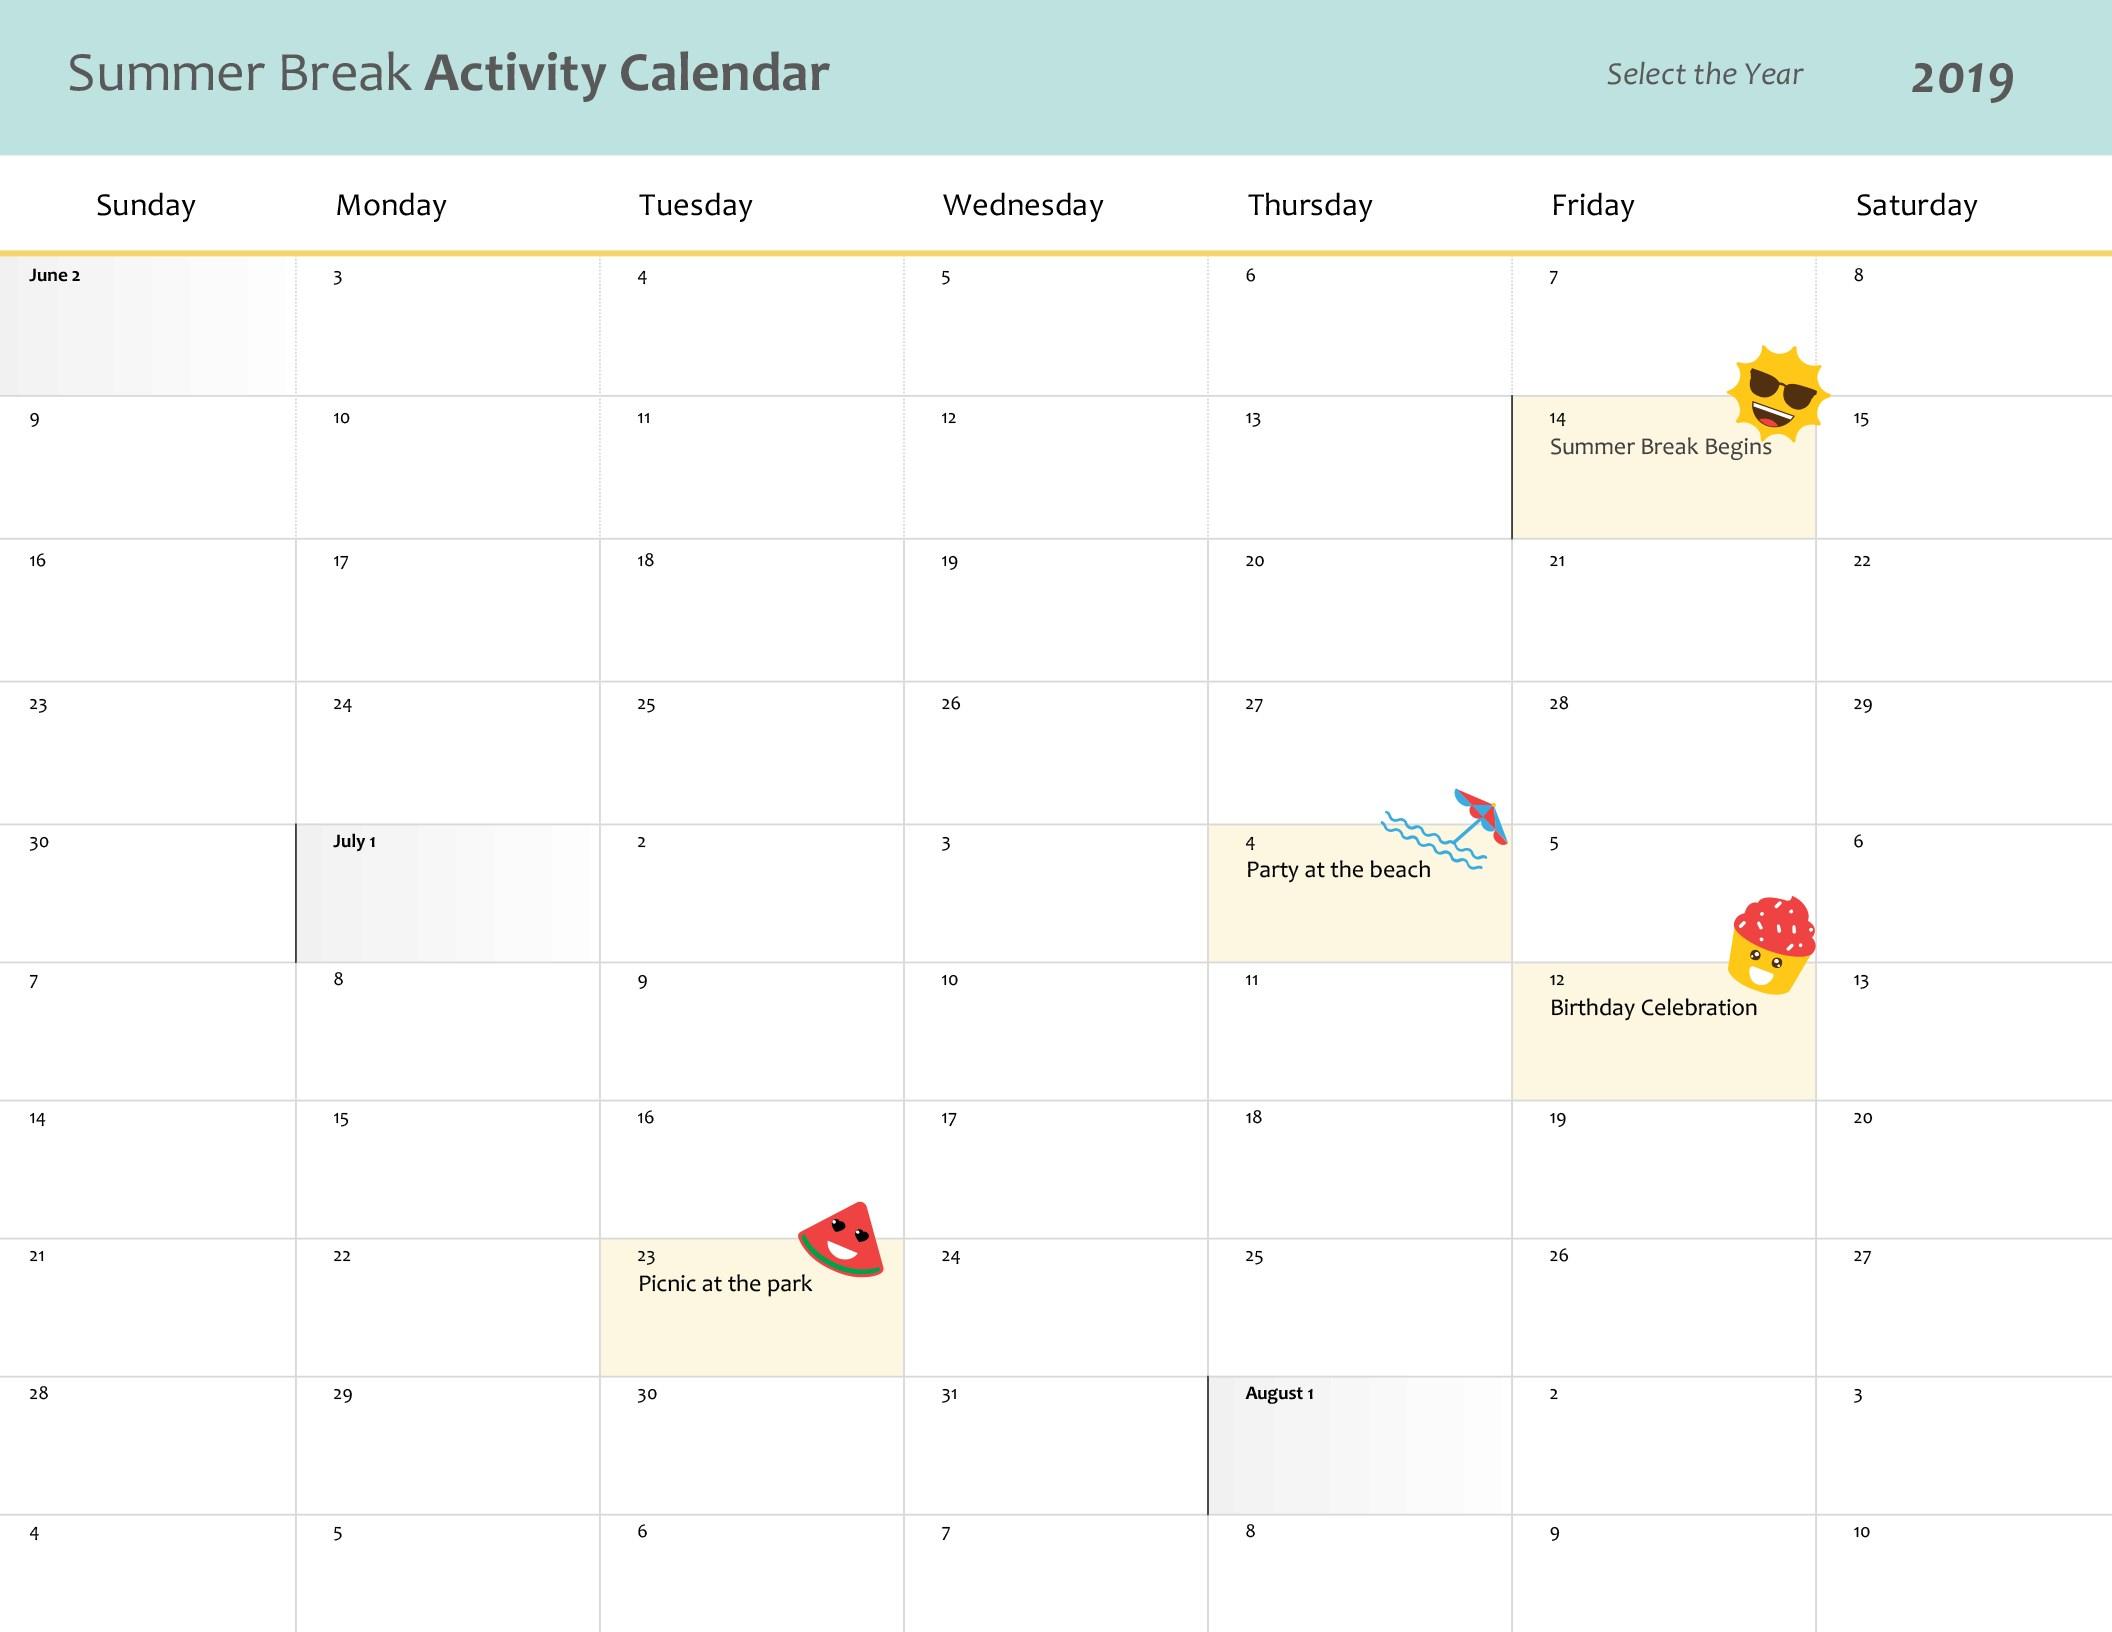 Summer Break Calendar regarding Summer Activity Calendar Template